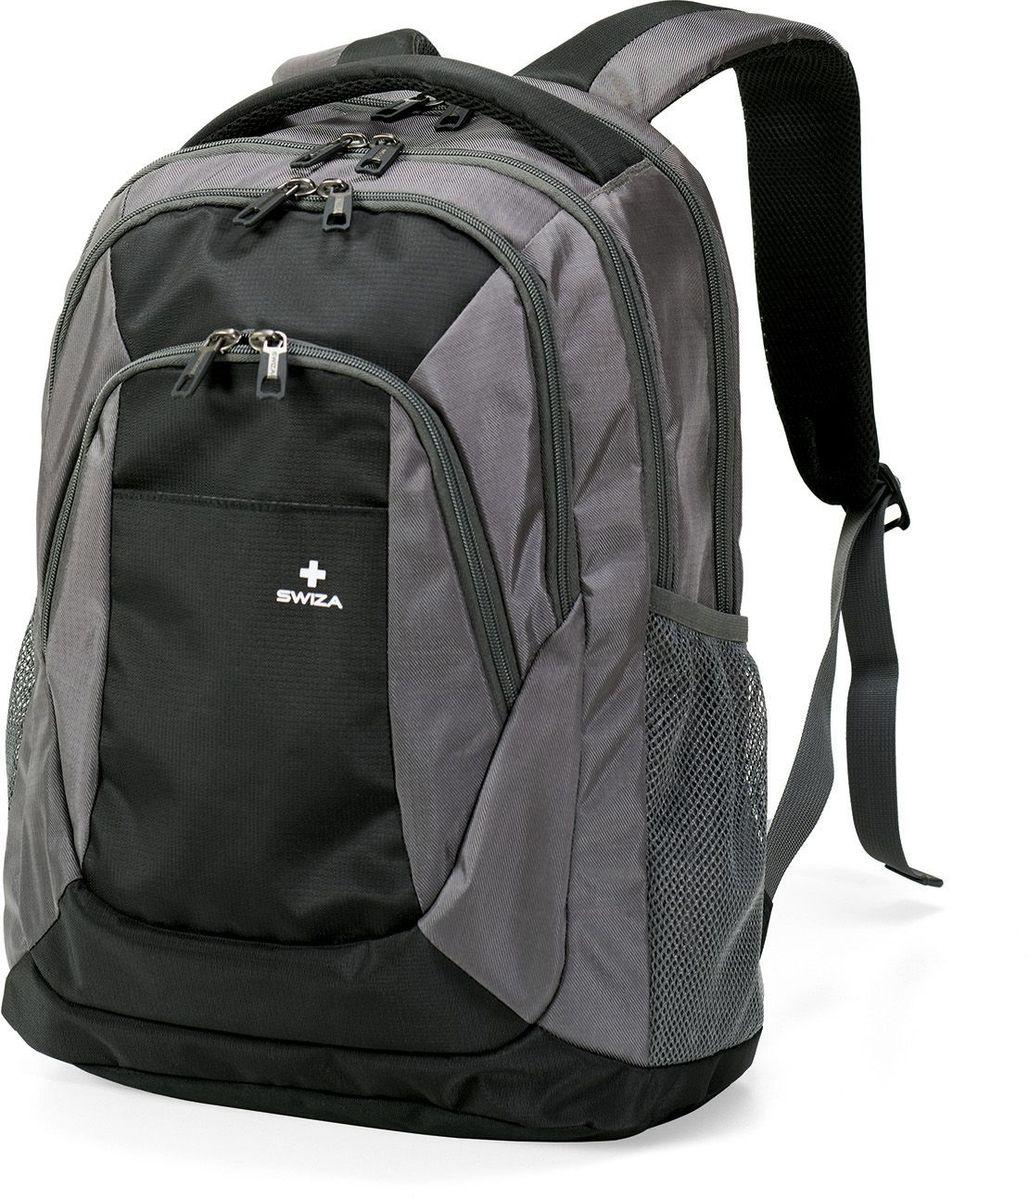 Рюкзак городской SWIZA Aulus, цвет: серый, 20 лBBP.1003.01Рюкзак SWIZA Aulus цвета предназначен для студентов или офисных сотрудников, а также отлично подойдет и для повседневного использования. Стильный рюкзак изготовлен в классическом стиле и имеет хорошо продуманную и многофункциональную систему внутреннего наполнения карманов и отделов. В рюкзаке есть два основных отделения и специальный передний карман. Специальное отделение для ноутбука с независимым замком, позволяет носить в рюкзаке ноутбуки размером до 17. Для удобства использования в рюкзаке есть специальный сетчатый держатель для бутылок.В рюкзаке имеется также вентилируемая анатомическая спинка на мягкой прокладке, которая позволяет носить даже тяжелый груз с комфортом.В таком рюкзаке поместятся, и будут находиться в максимально удобных для быстрого доступа местах, все необходимые документы, электронные устройства и прочие мелочи, без которых не выйдешь из дома.Размер рюкзака: 33 х 46 х 19 см.